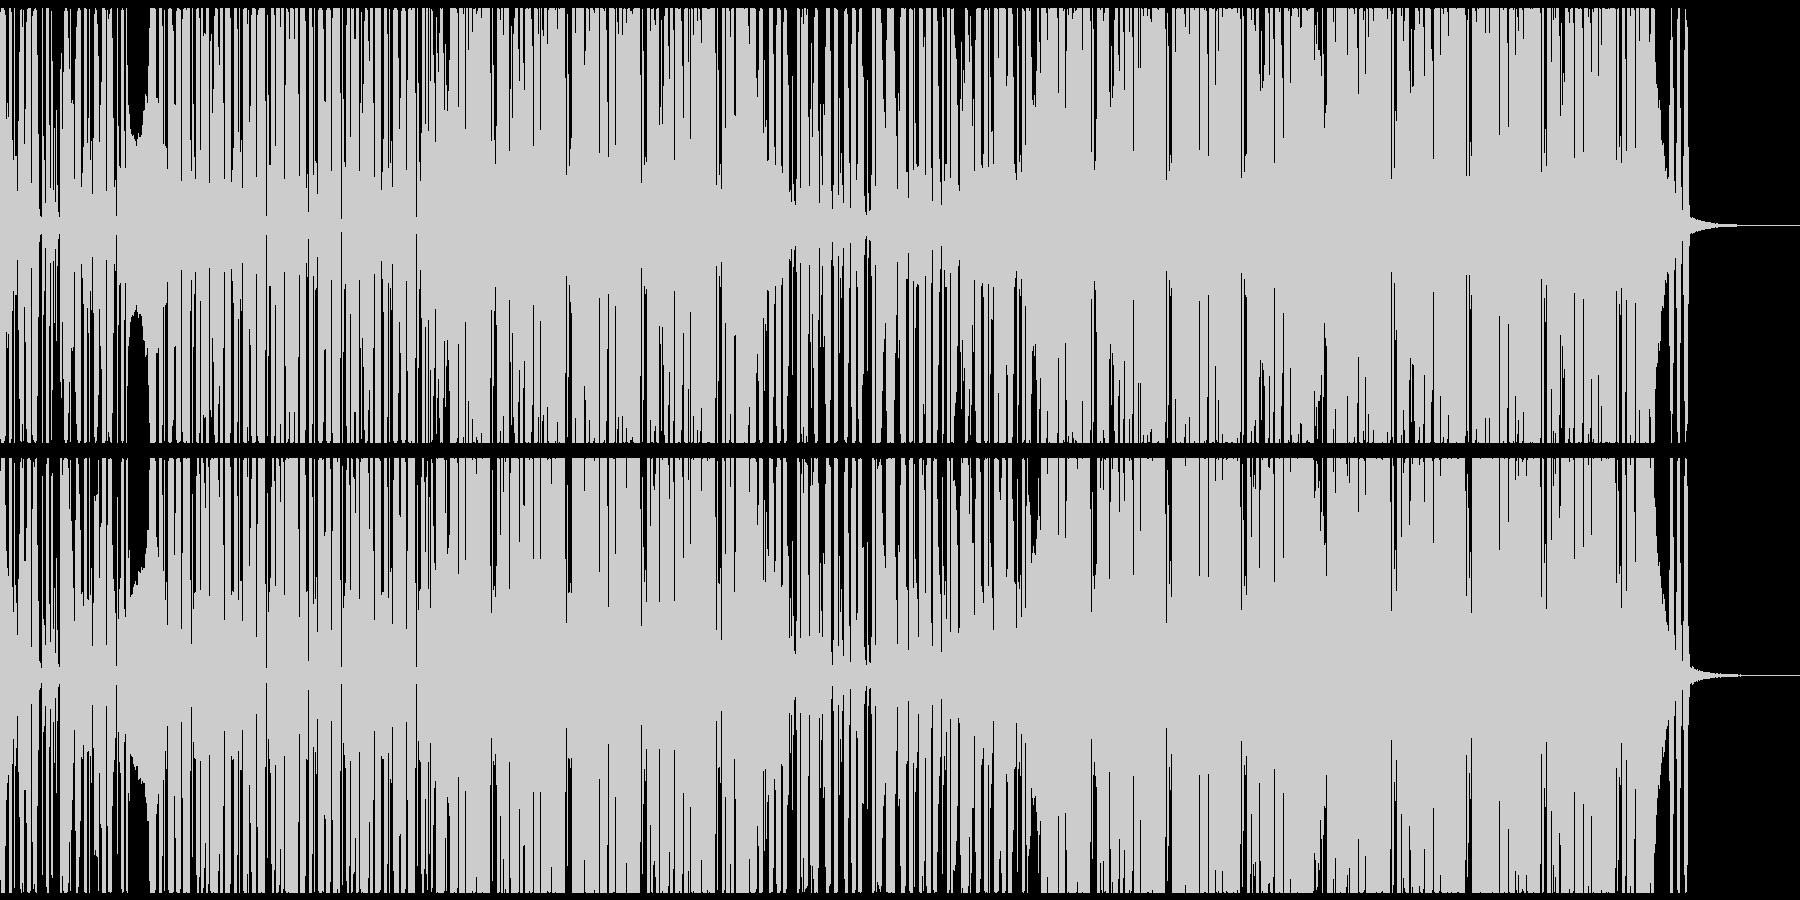 ポップでノリの良いシンセファンクEDMの未再生の波形